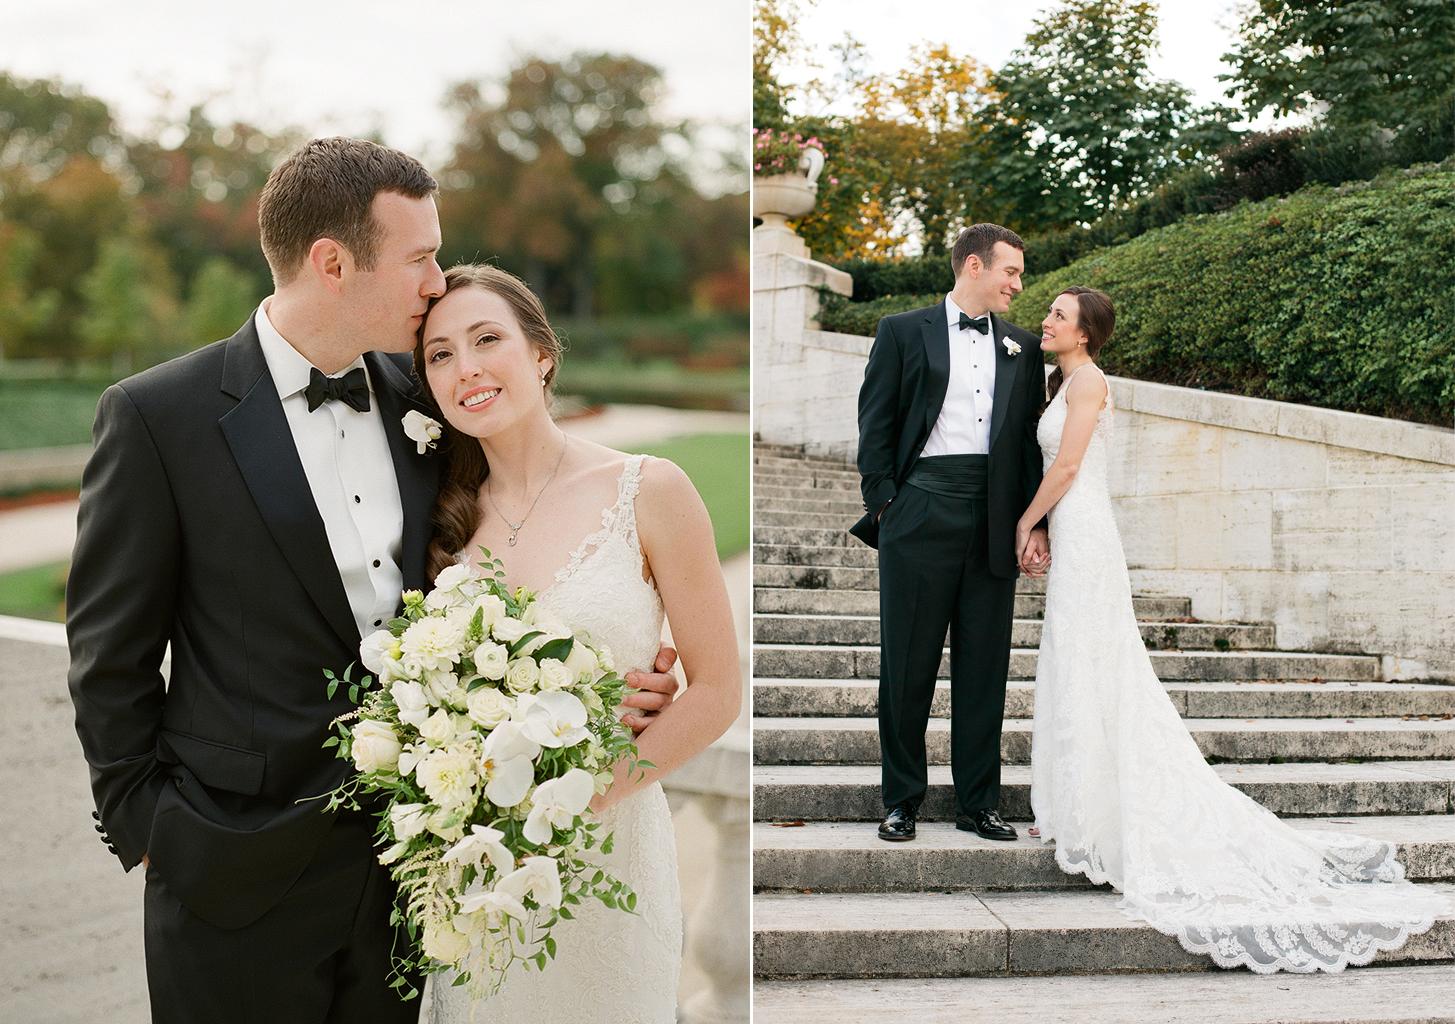 Nemours-Delaware-Art-Museum-Fall-Film-Wedding-Photographer-038.jpg